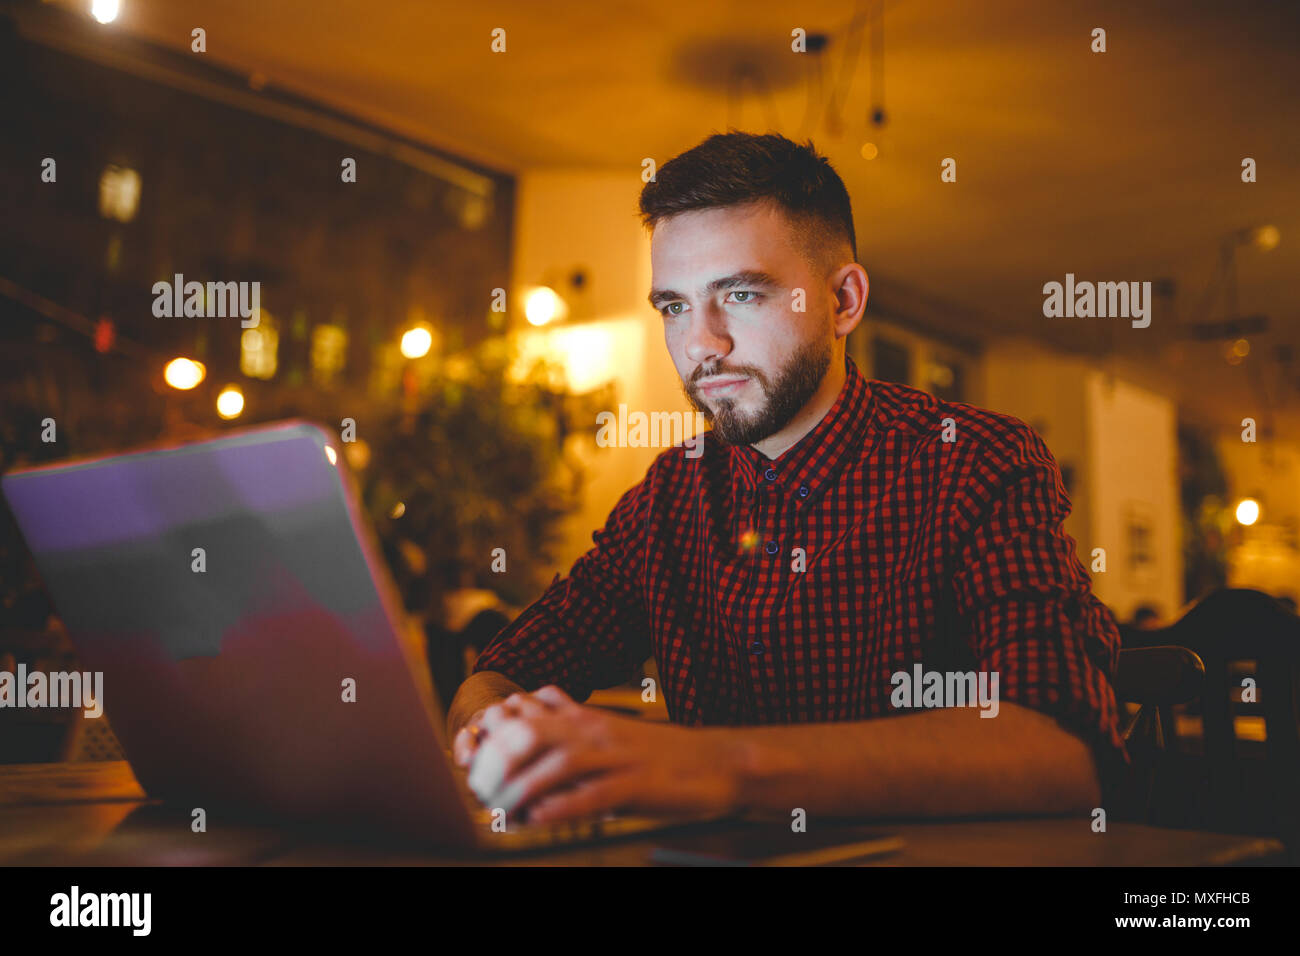 Un beau jeune homme de race blanche avec barbe et sourire à pleines dents dans une chemise à carreaux rouge fonctionne derrière un ordinateur portable gris assis à une table en bois. Les mains sur le clavier. Dans la soirée au café Photo Stock